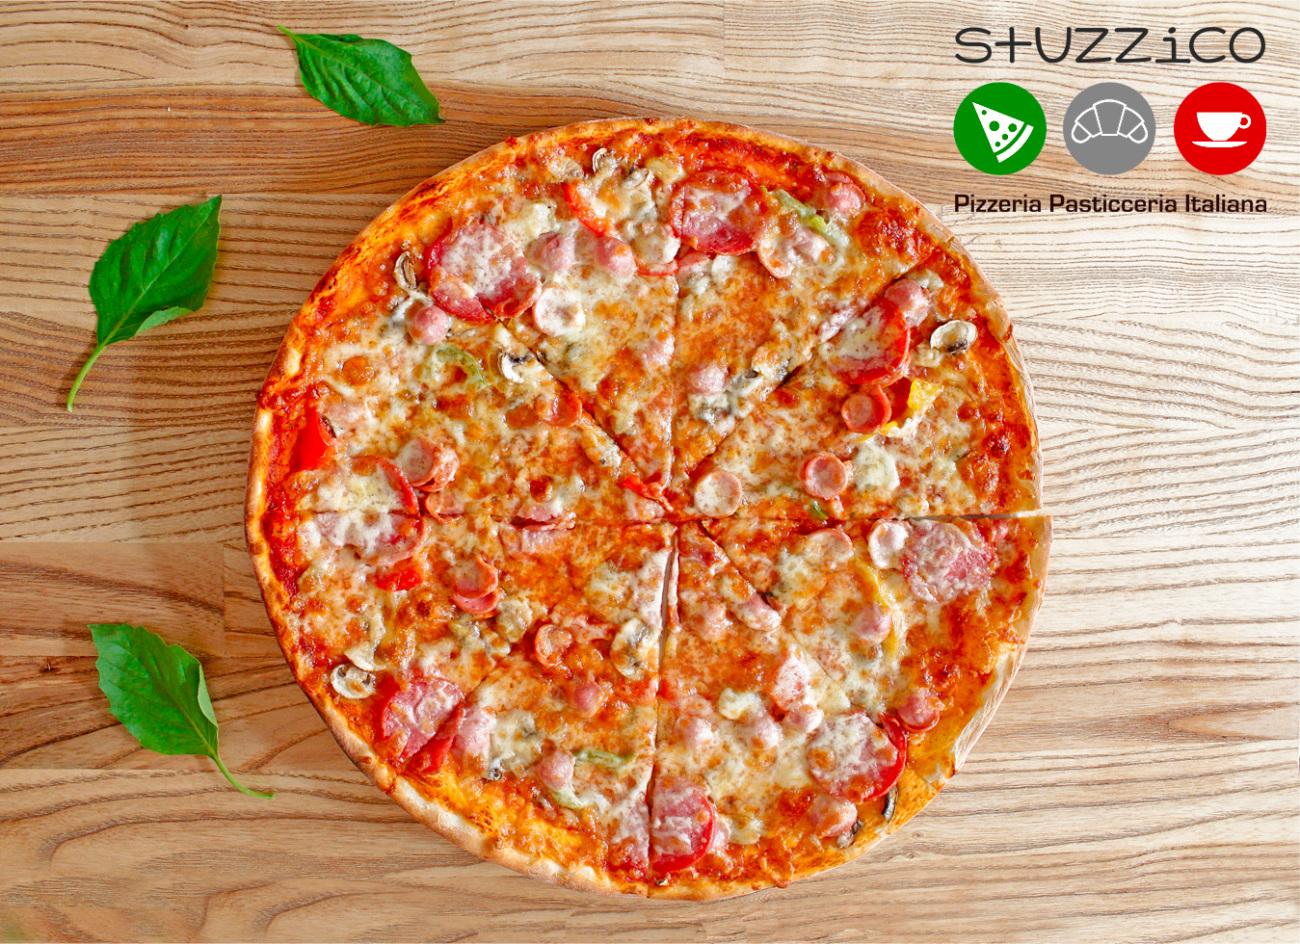 """Рецепт от заведения Stuzzico: фирменная пицца """"Стуццико"""""""